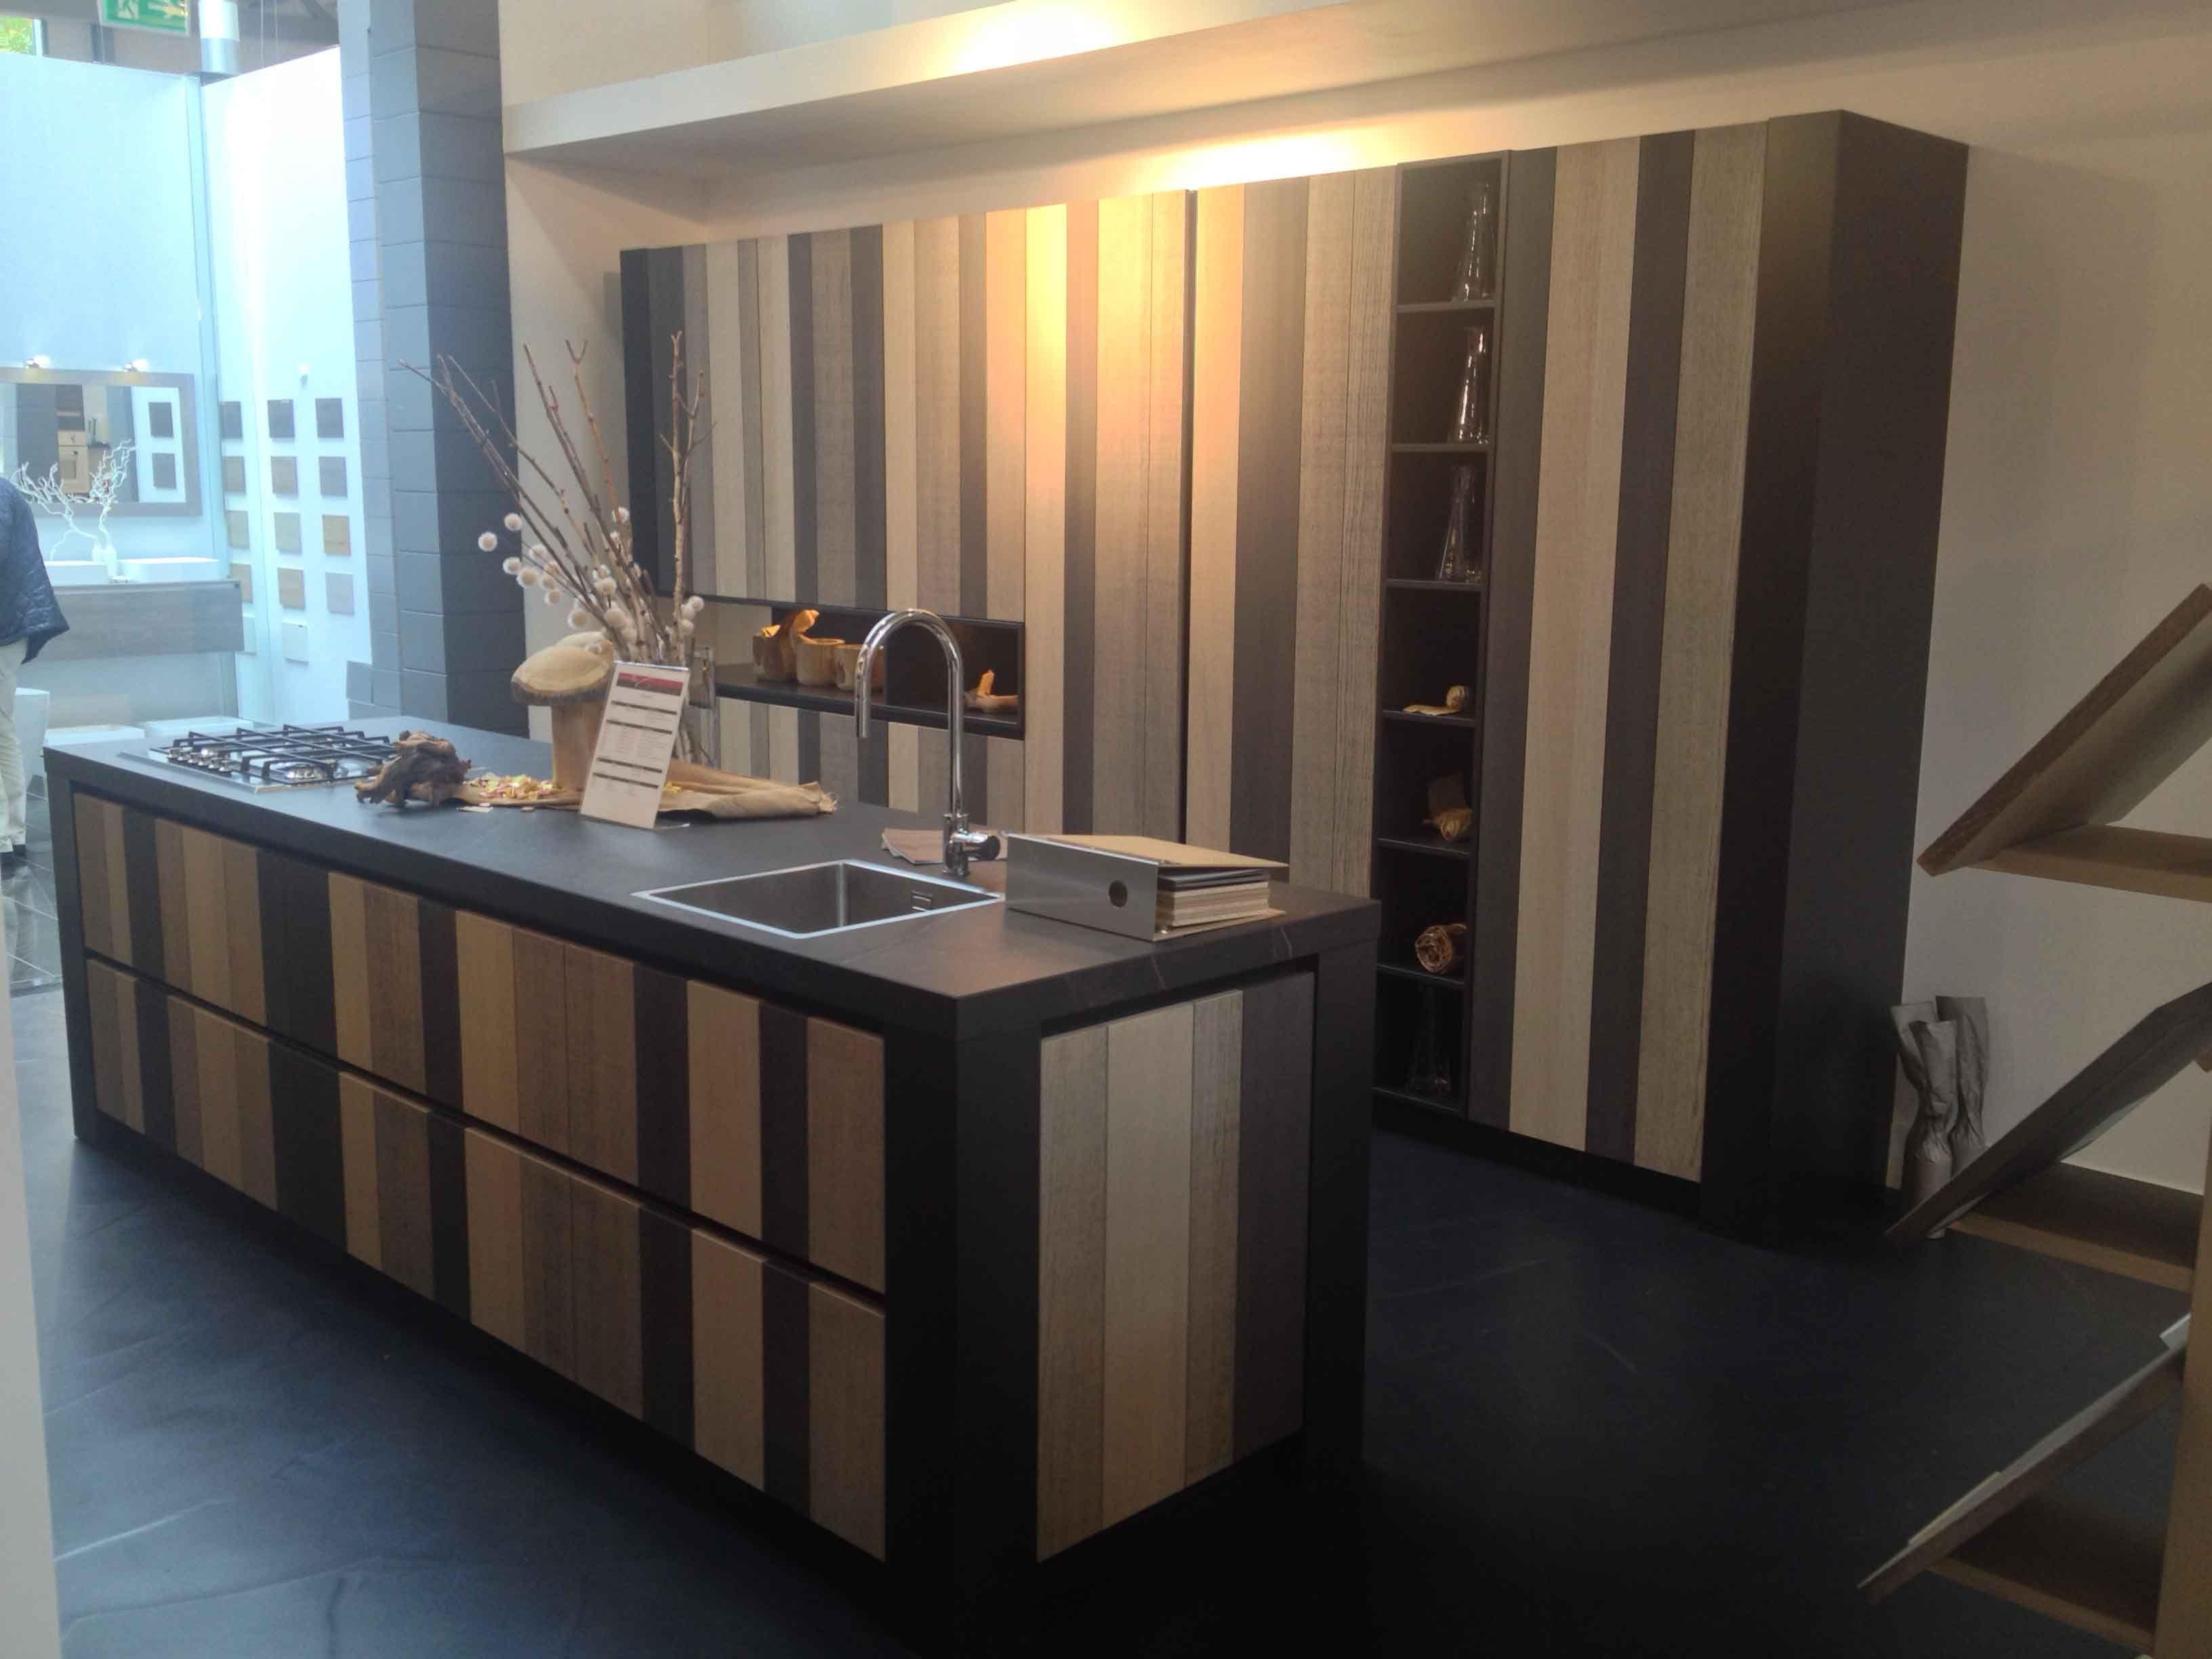 Afmetingen Keuken Met Kookeiland : Altijd de beste keukenprijs! Keuken met kookeiland [53901